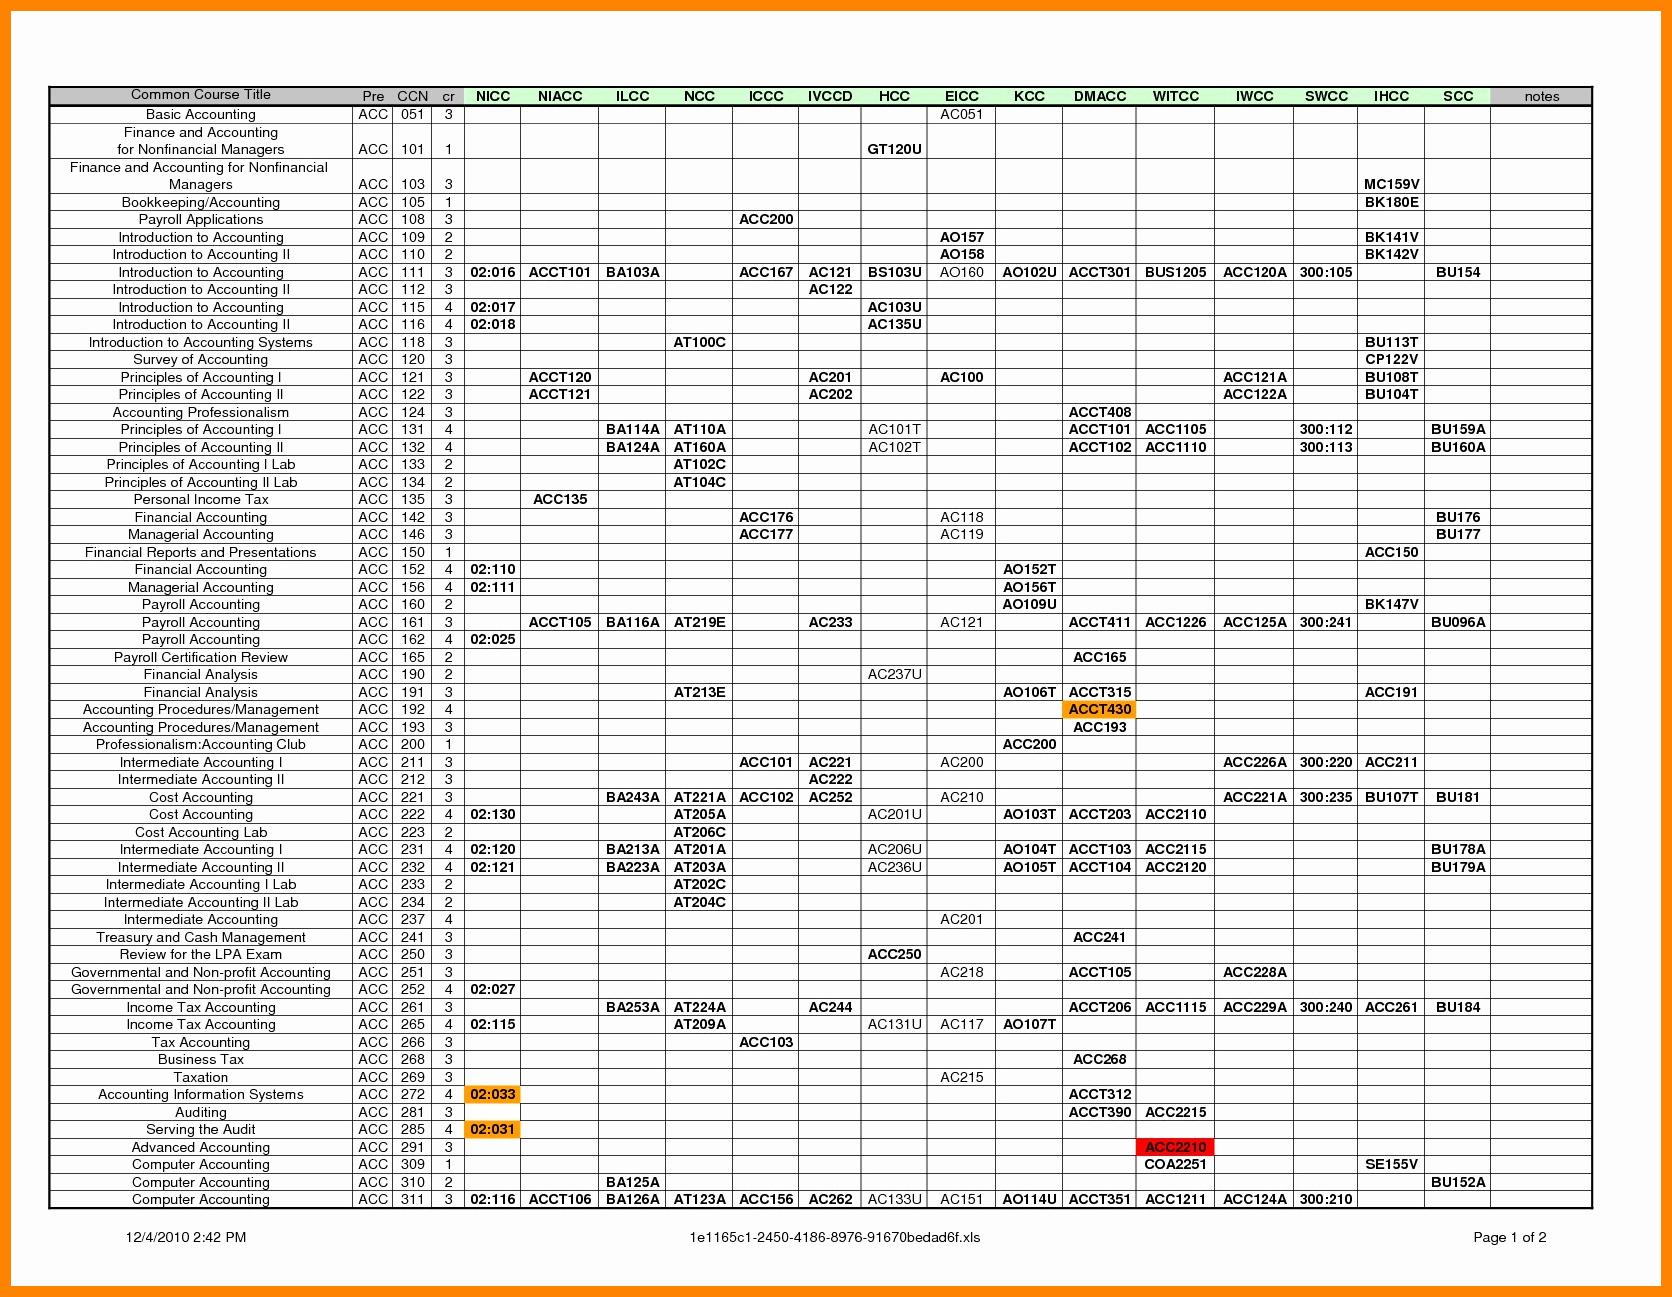 4 Column Ledger Template Elegant 5 4 Column Ledger Template Excel - Free Printable 4 Column Ledger Paper